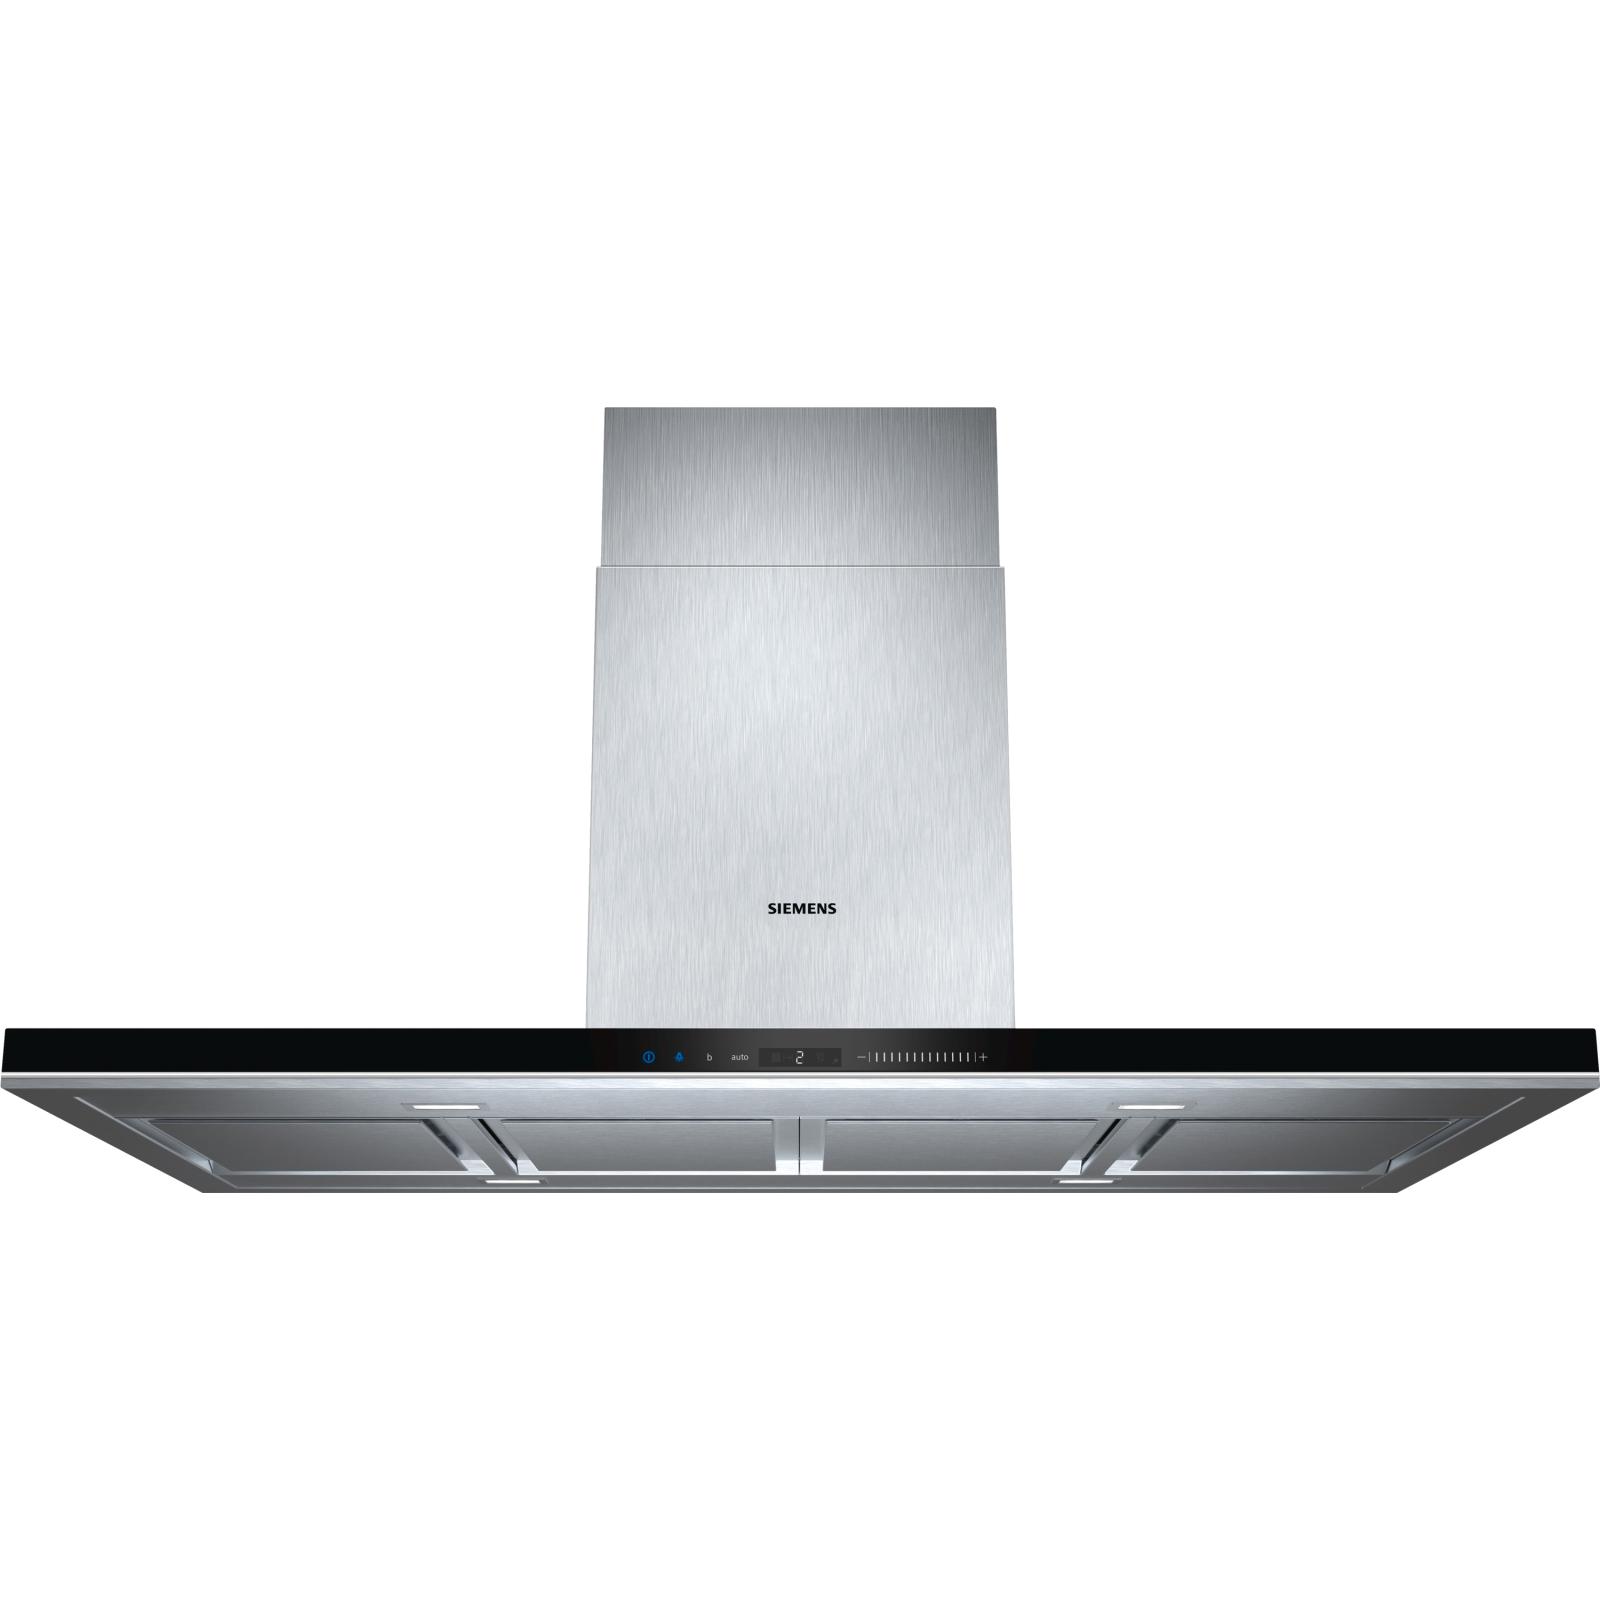 Вытяжка кухонная Siemens LF 21 BA 582 (LF21BA582)